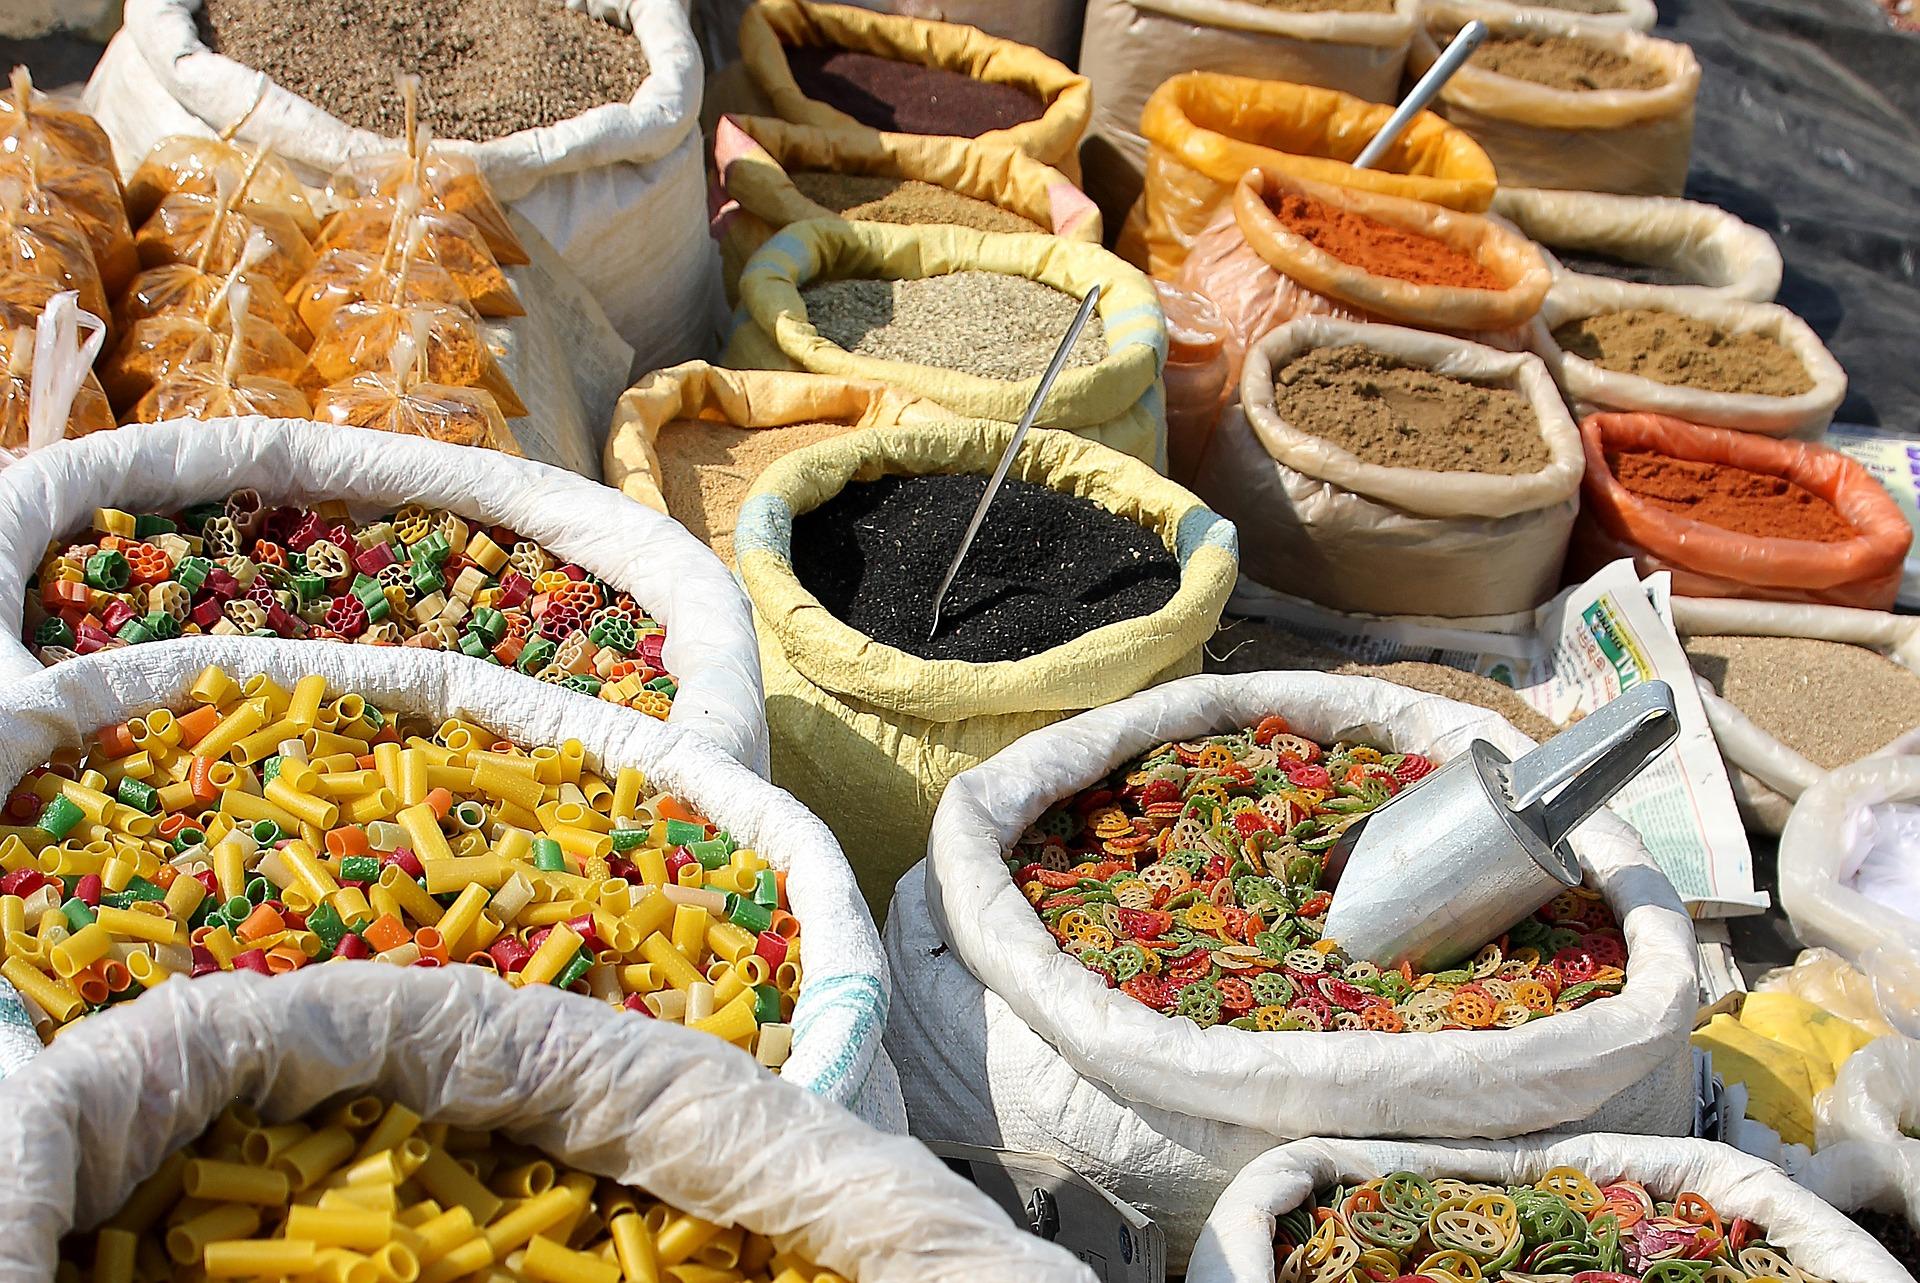 Ingrébio lance le premier annuaire des fournisseurs d'ingrédients alimentaires biologiques